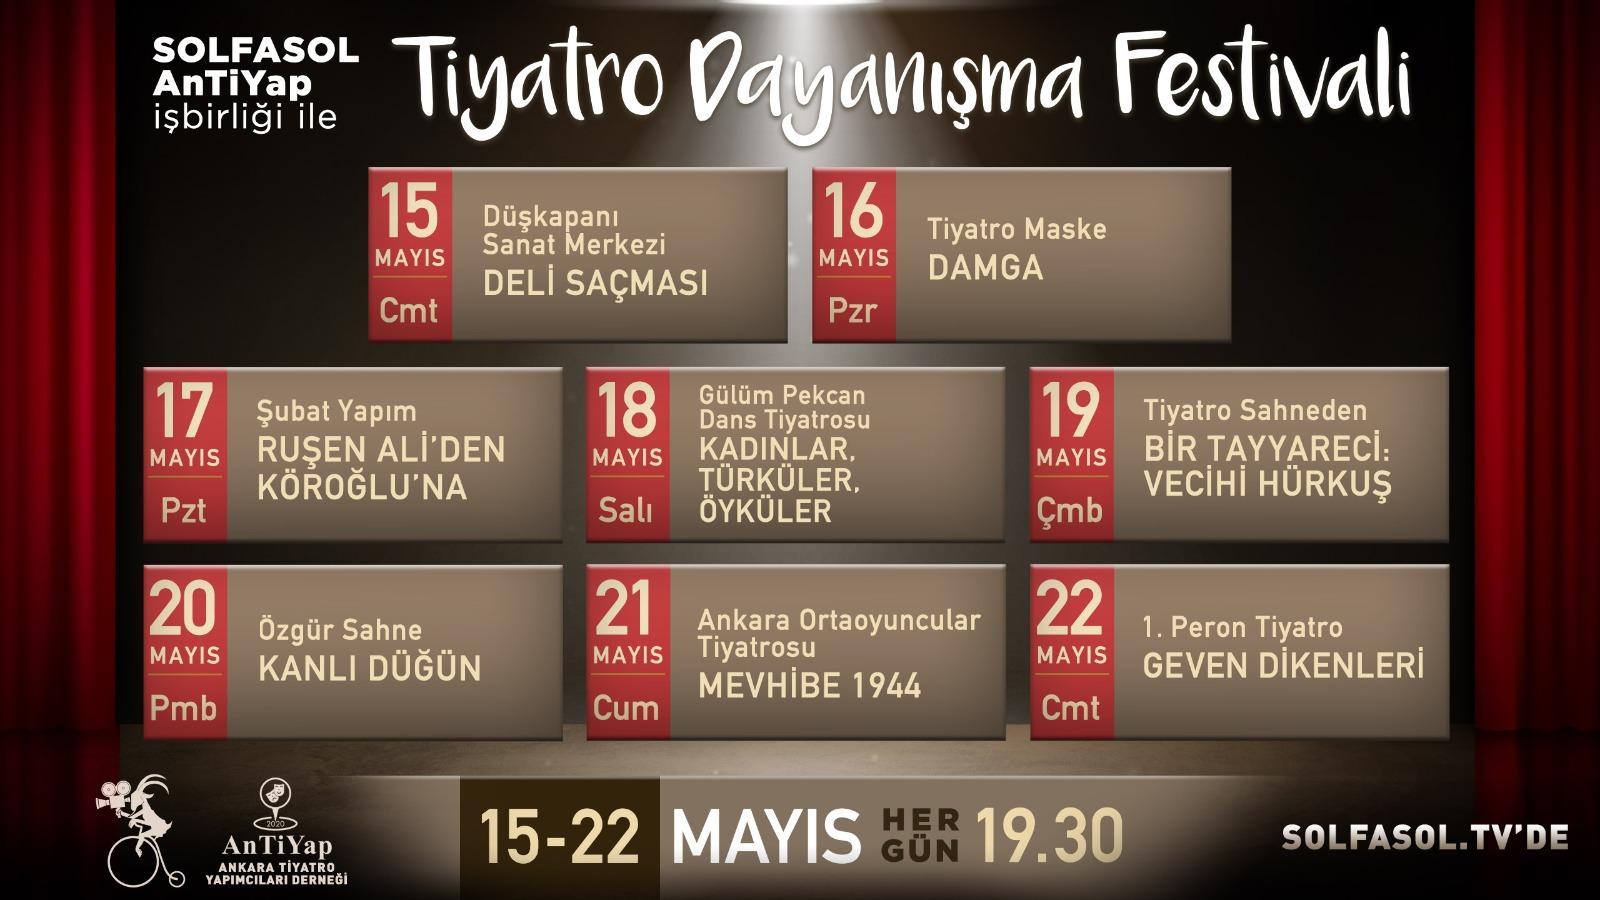 Tiyatro Dayanışma Festivali